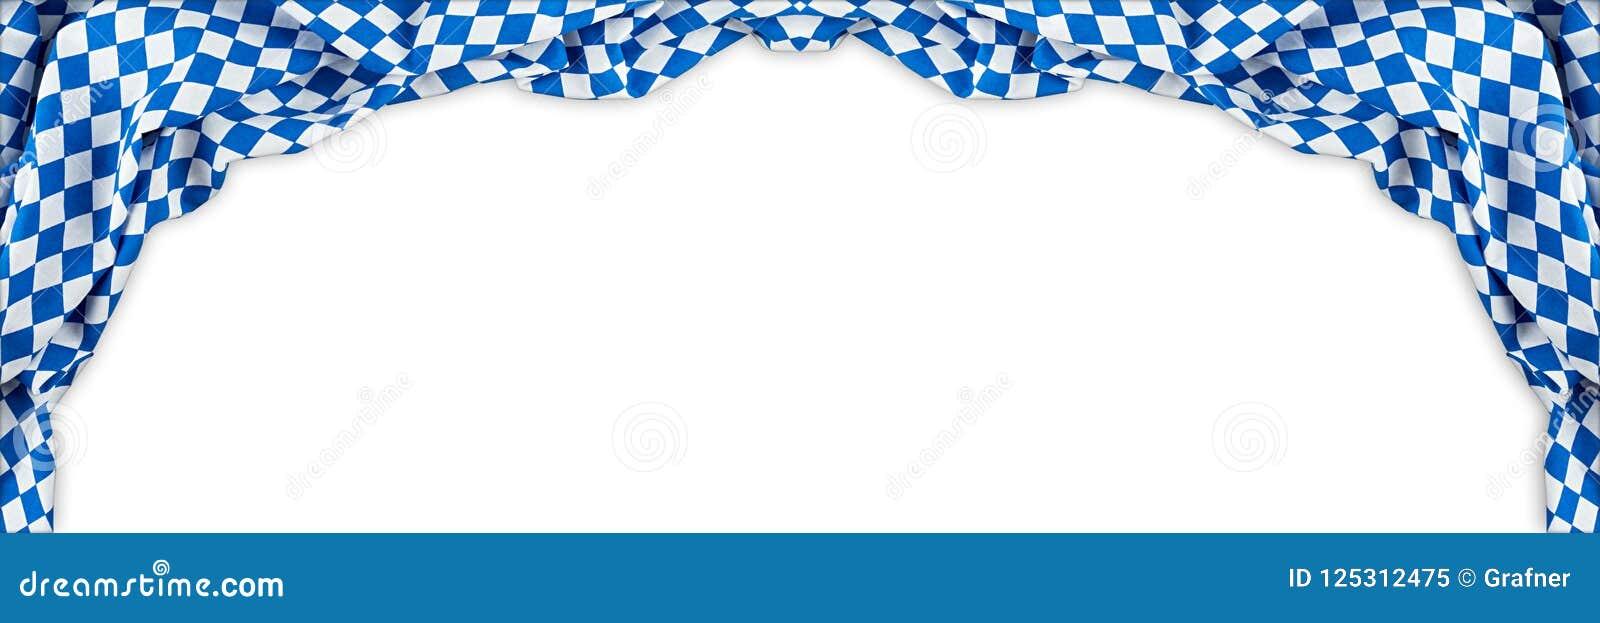 Le fond oktoberfest de panorama large bavarois de drapeau